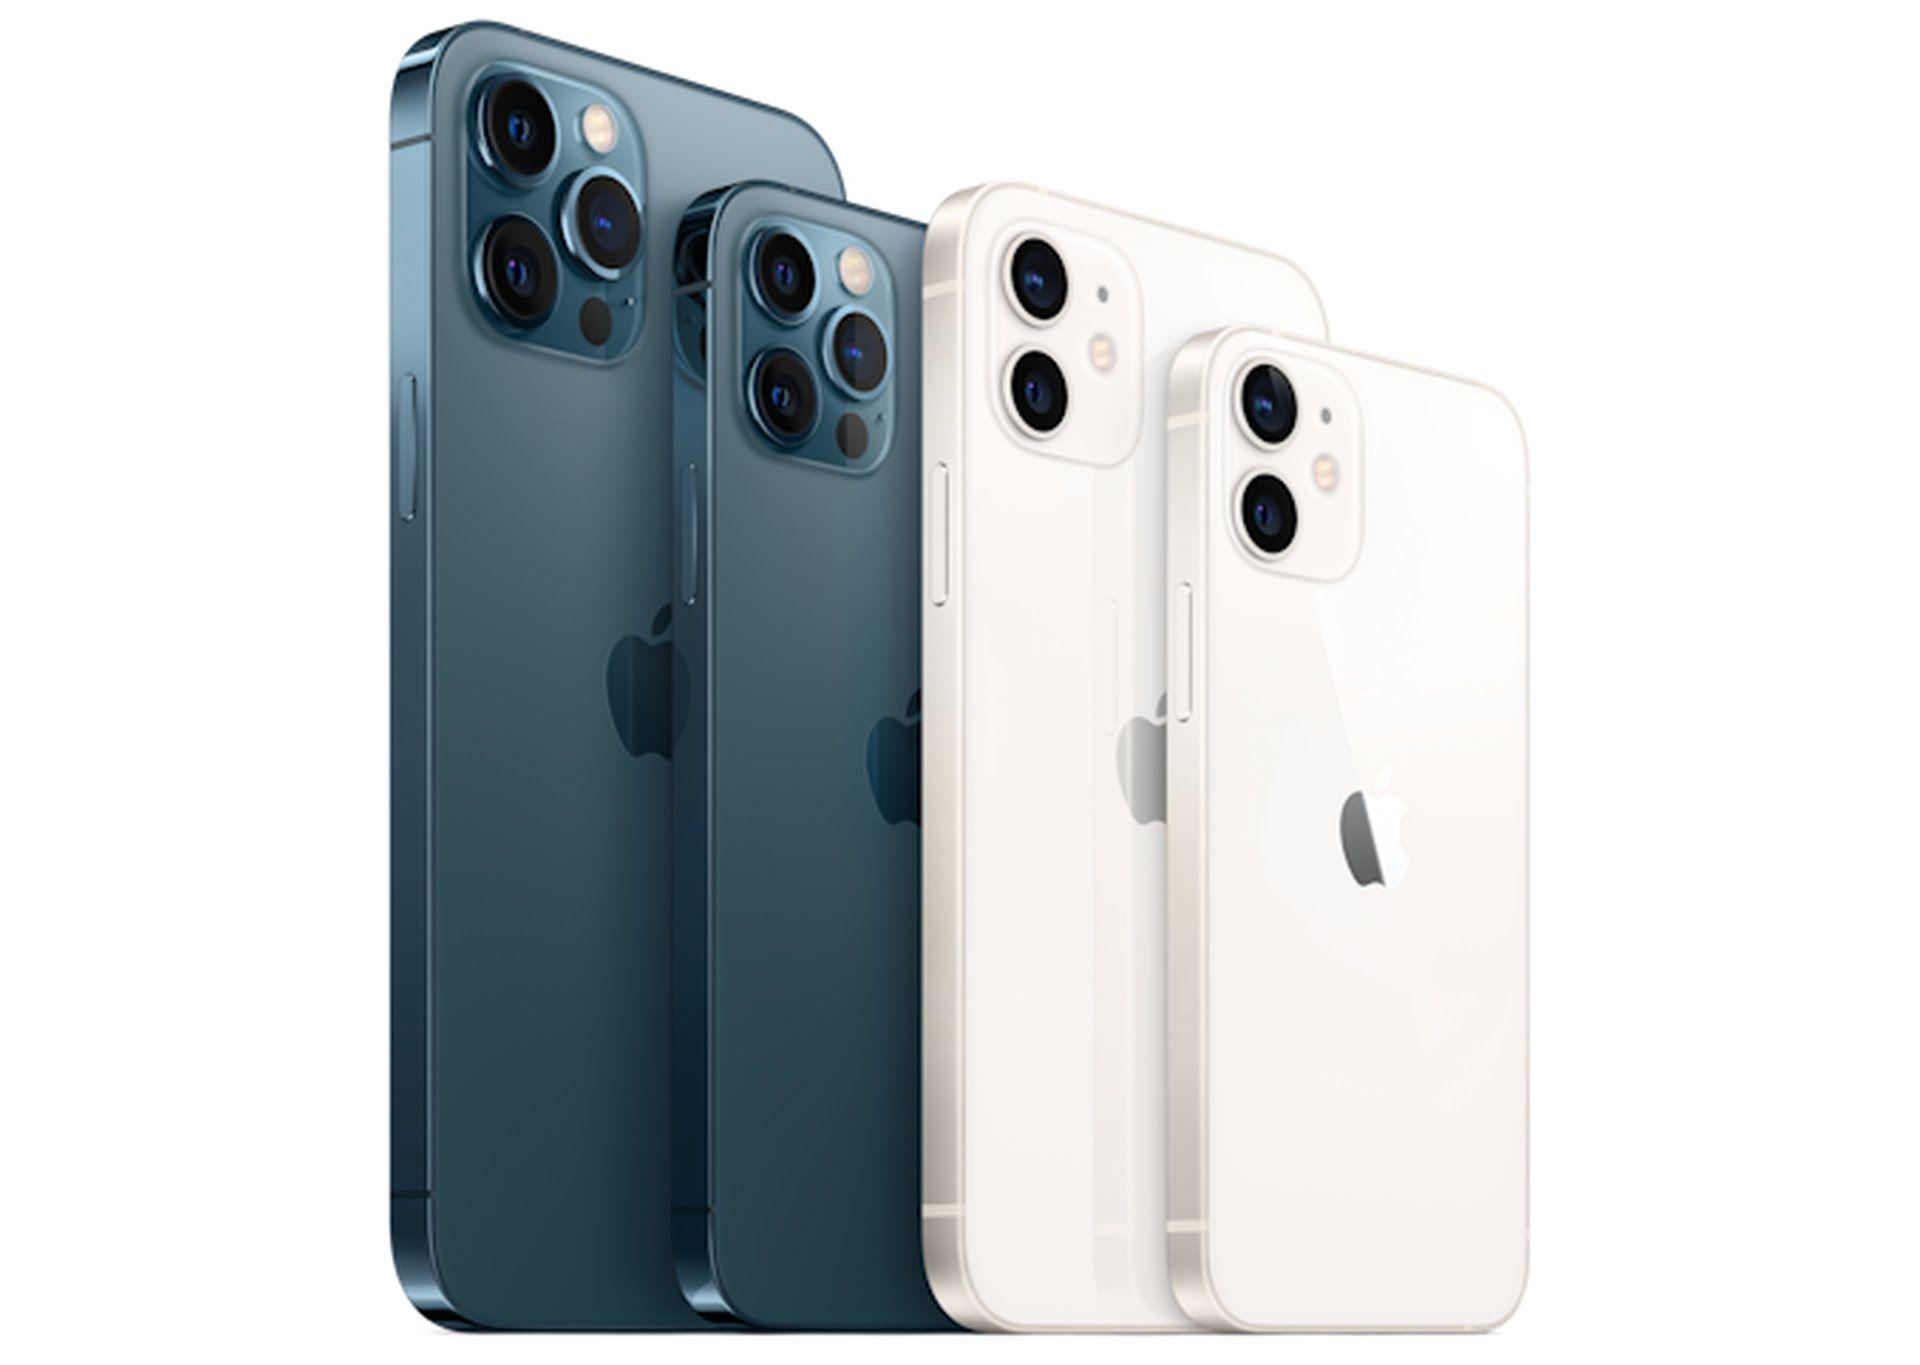 W czwartym kwartale 2020 roku najwięcej sprzedano iPhone'ów